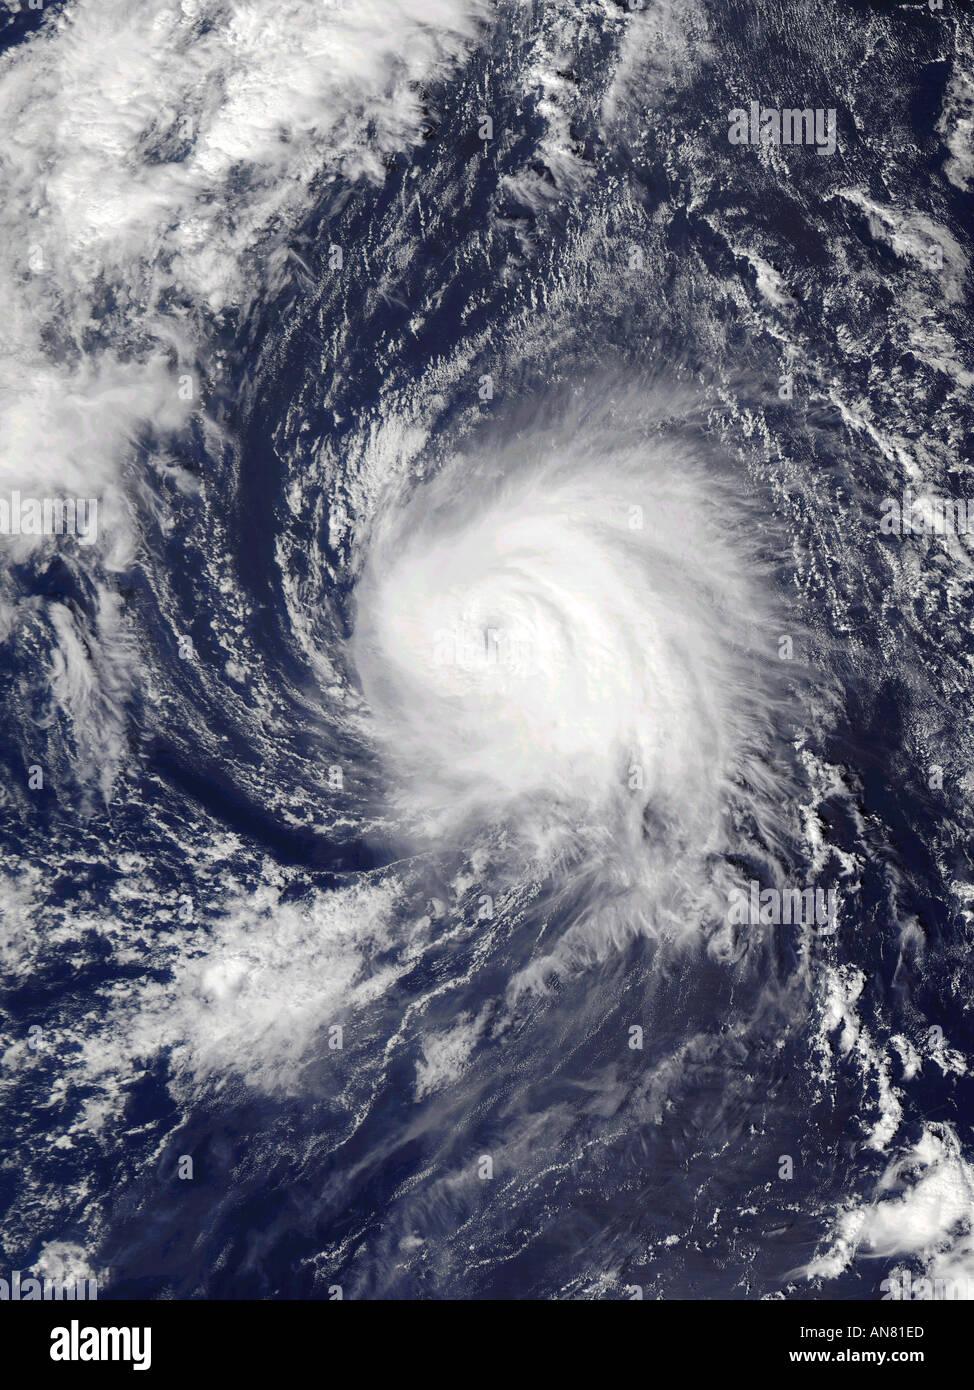 Hurrikan KATE in der Atlantic 10 5 2003 Stockbild